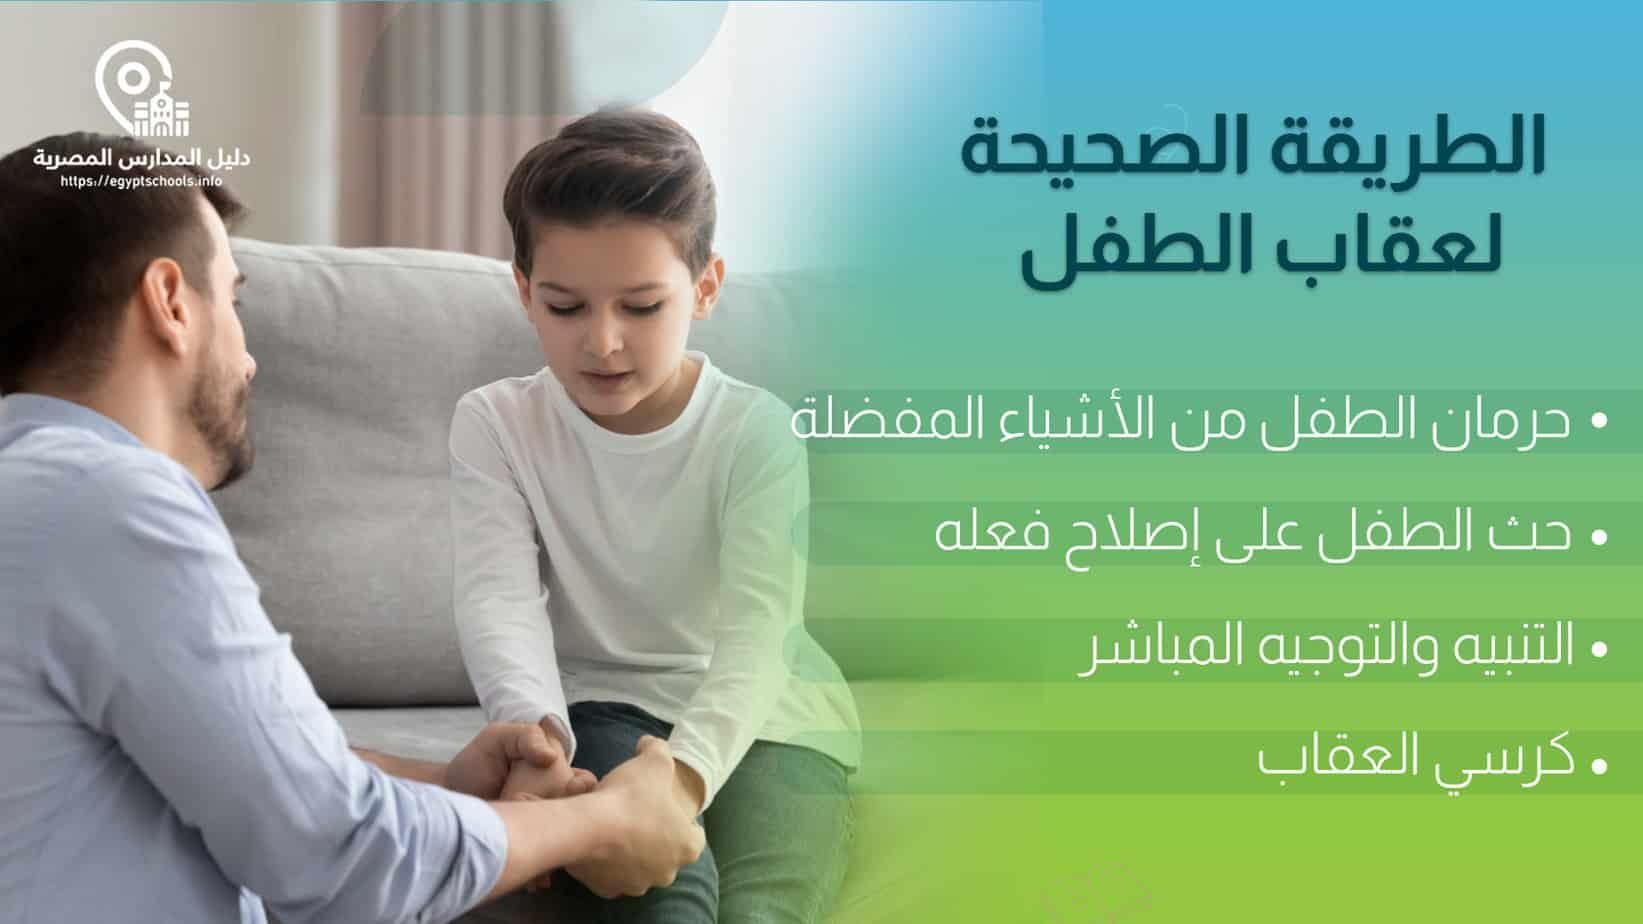 الطريقة الصحيحة لعقاب الطفل في عمر الثلاث سنوات